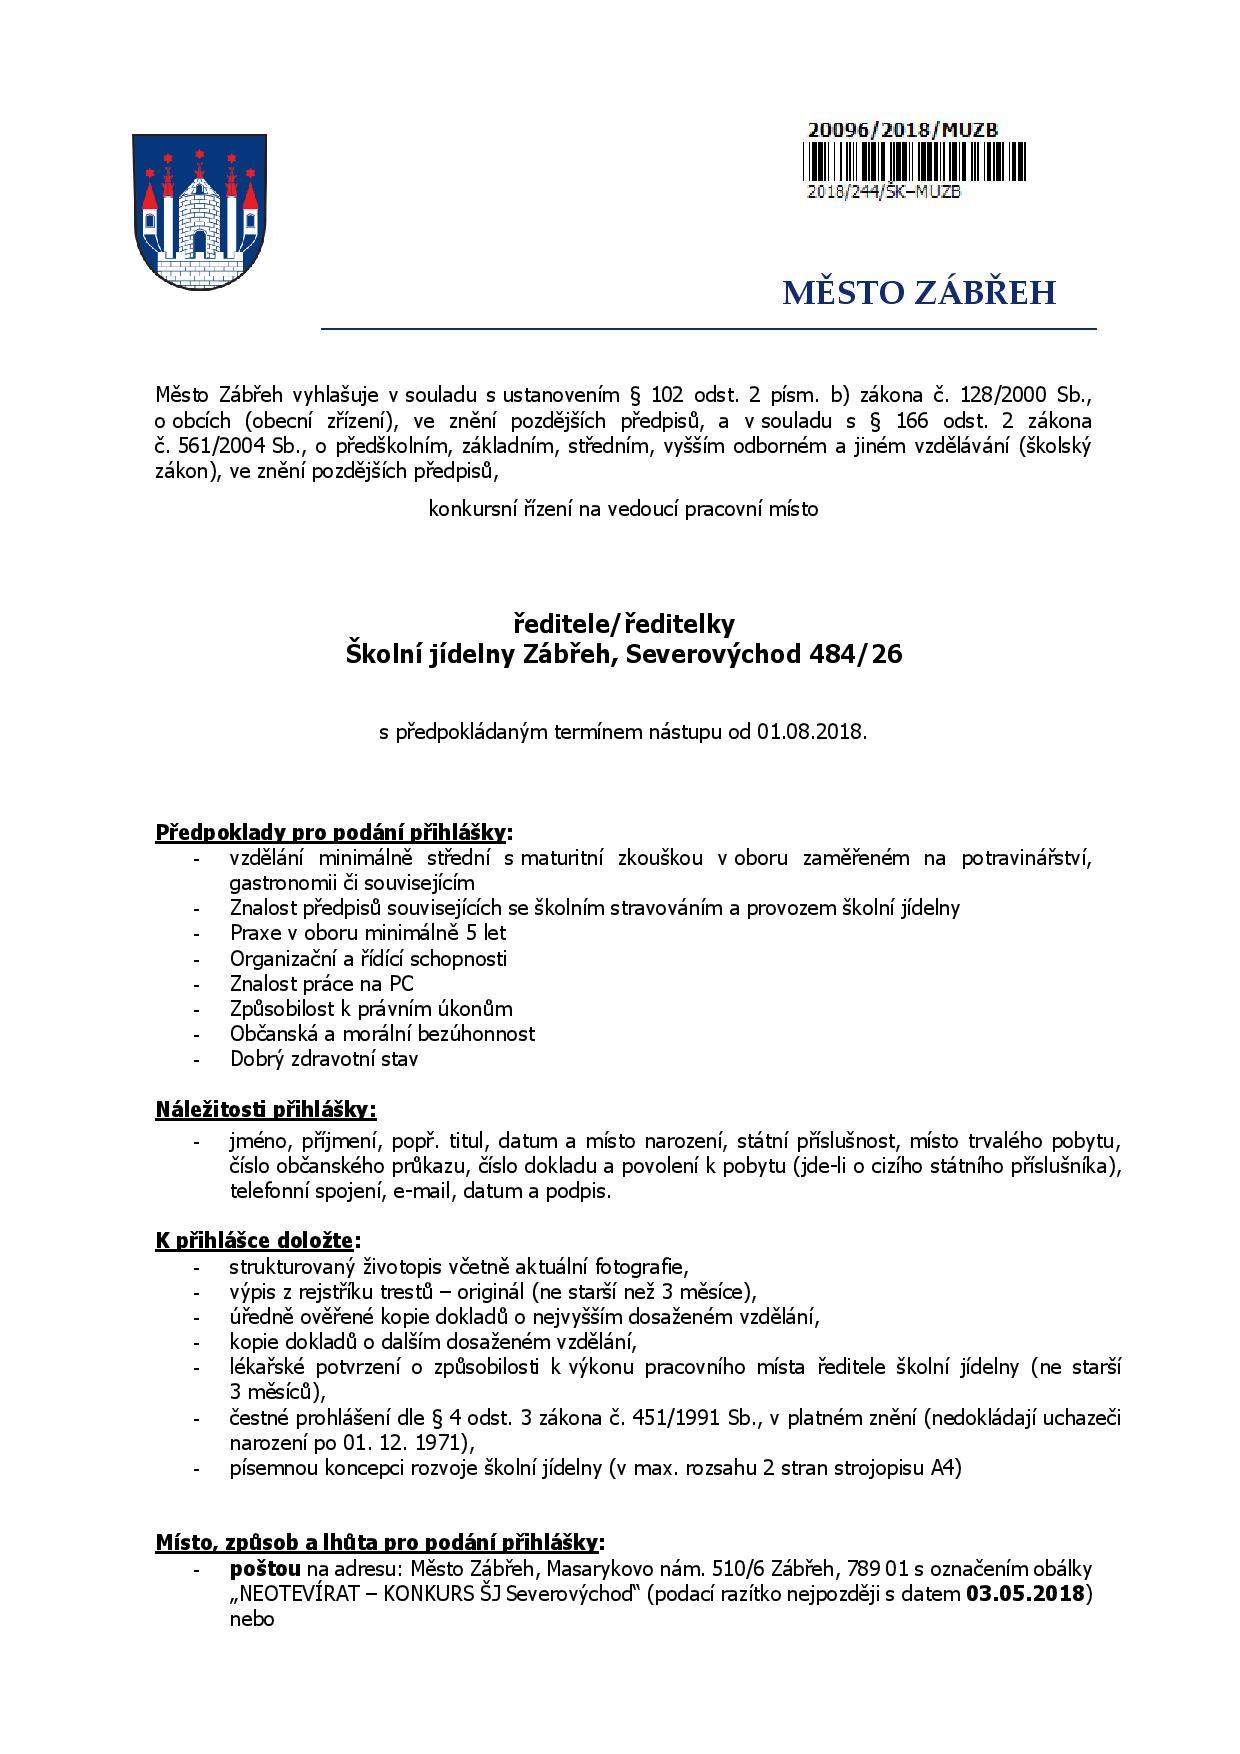 ŠJ_Severovýchod_vyhlášení_konkursu_a692baefd85f4cc999870a2c709e7575 (1)-page-001